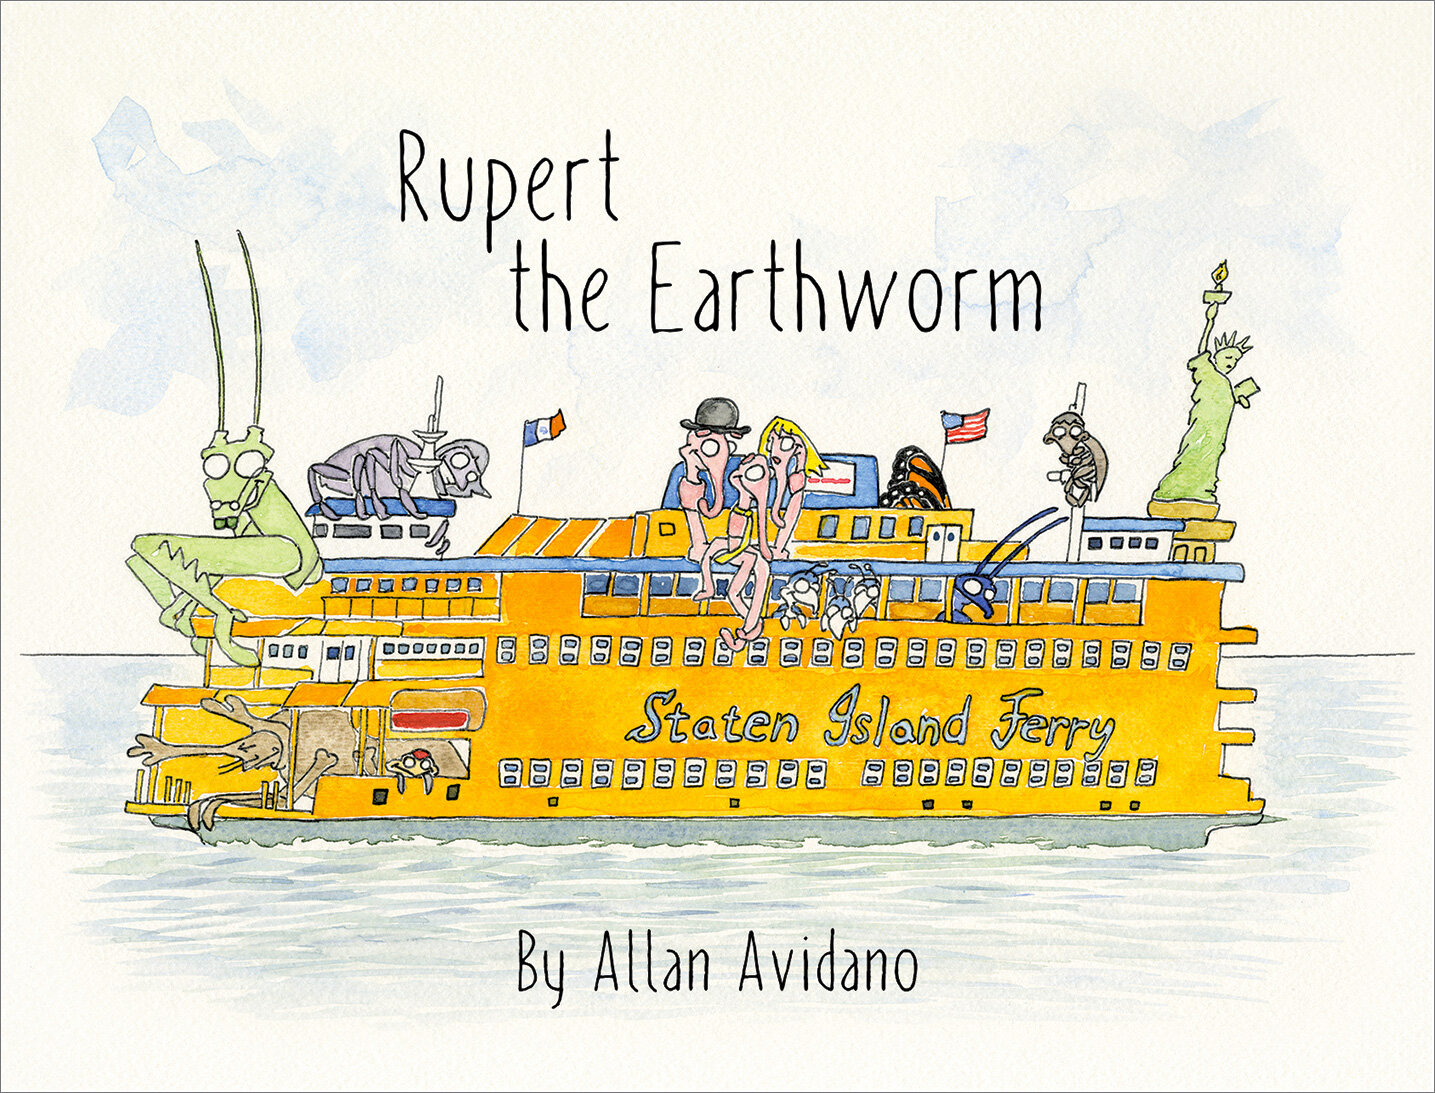 RupertCover-website2.jpg